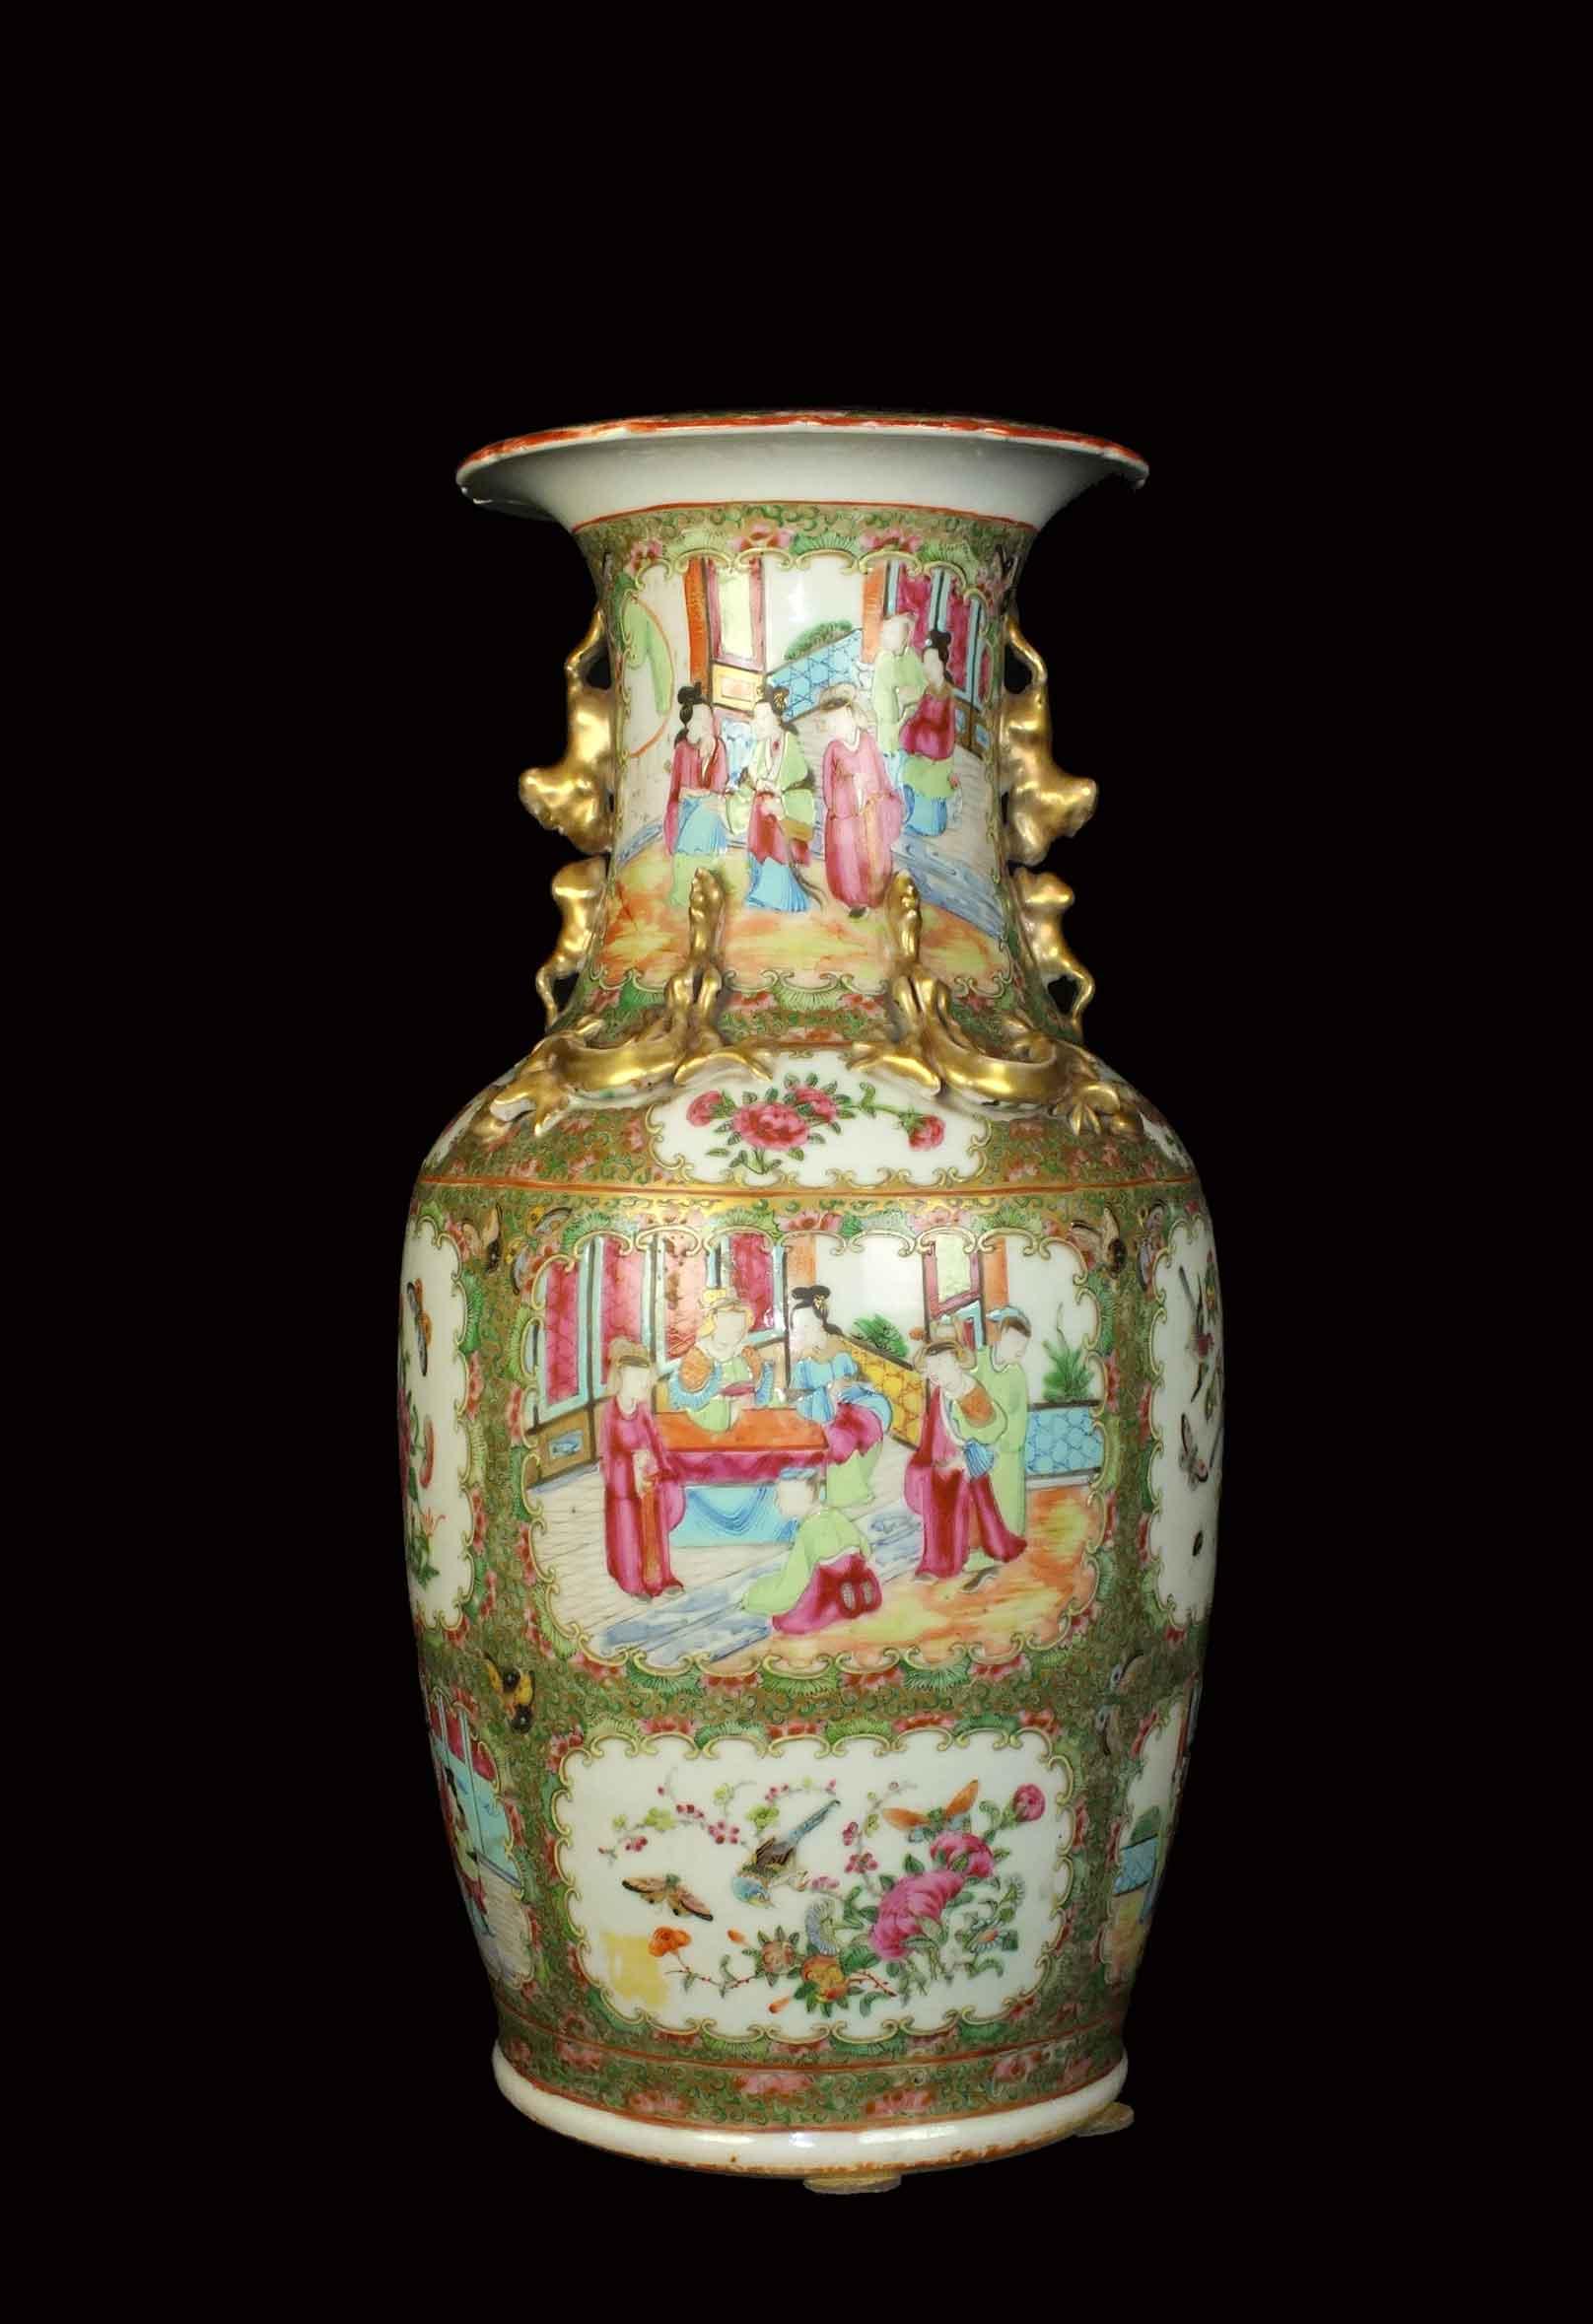 Canton famille rose vase becker antiques amsterdam canton famille rose vase reviewsmspy